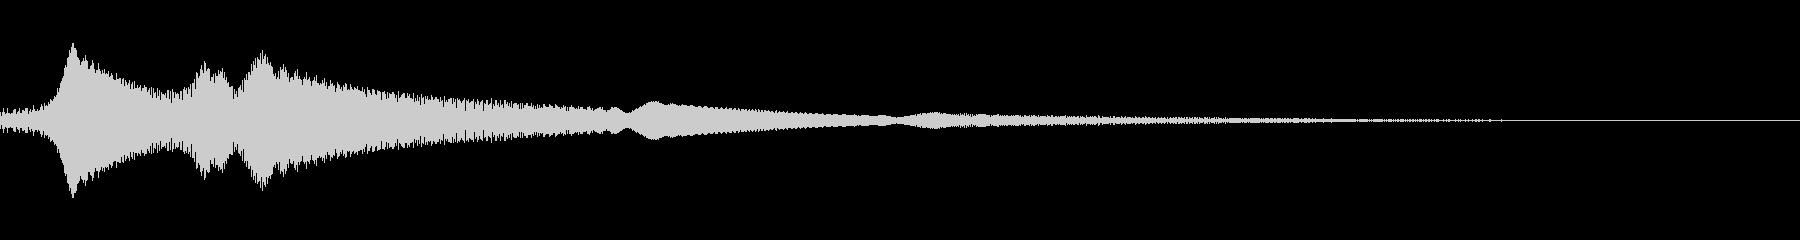 ピヨヨーンの未再生の波形